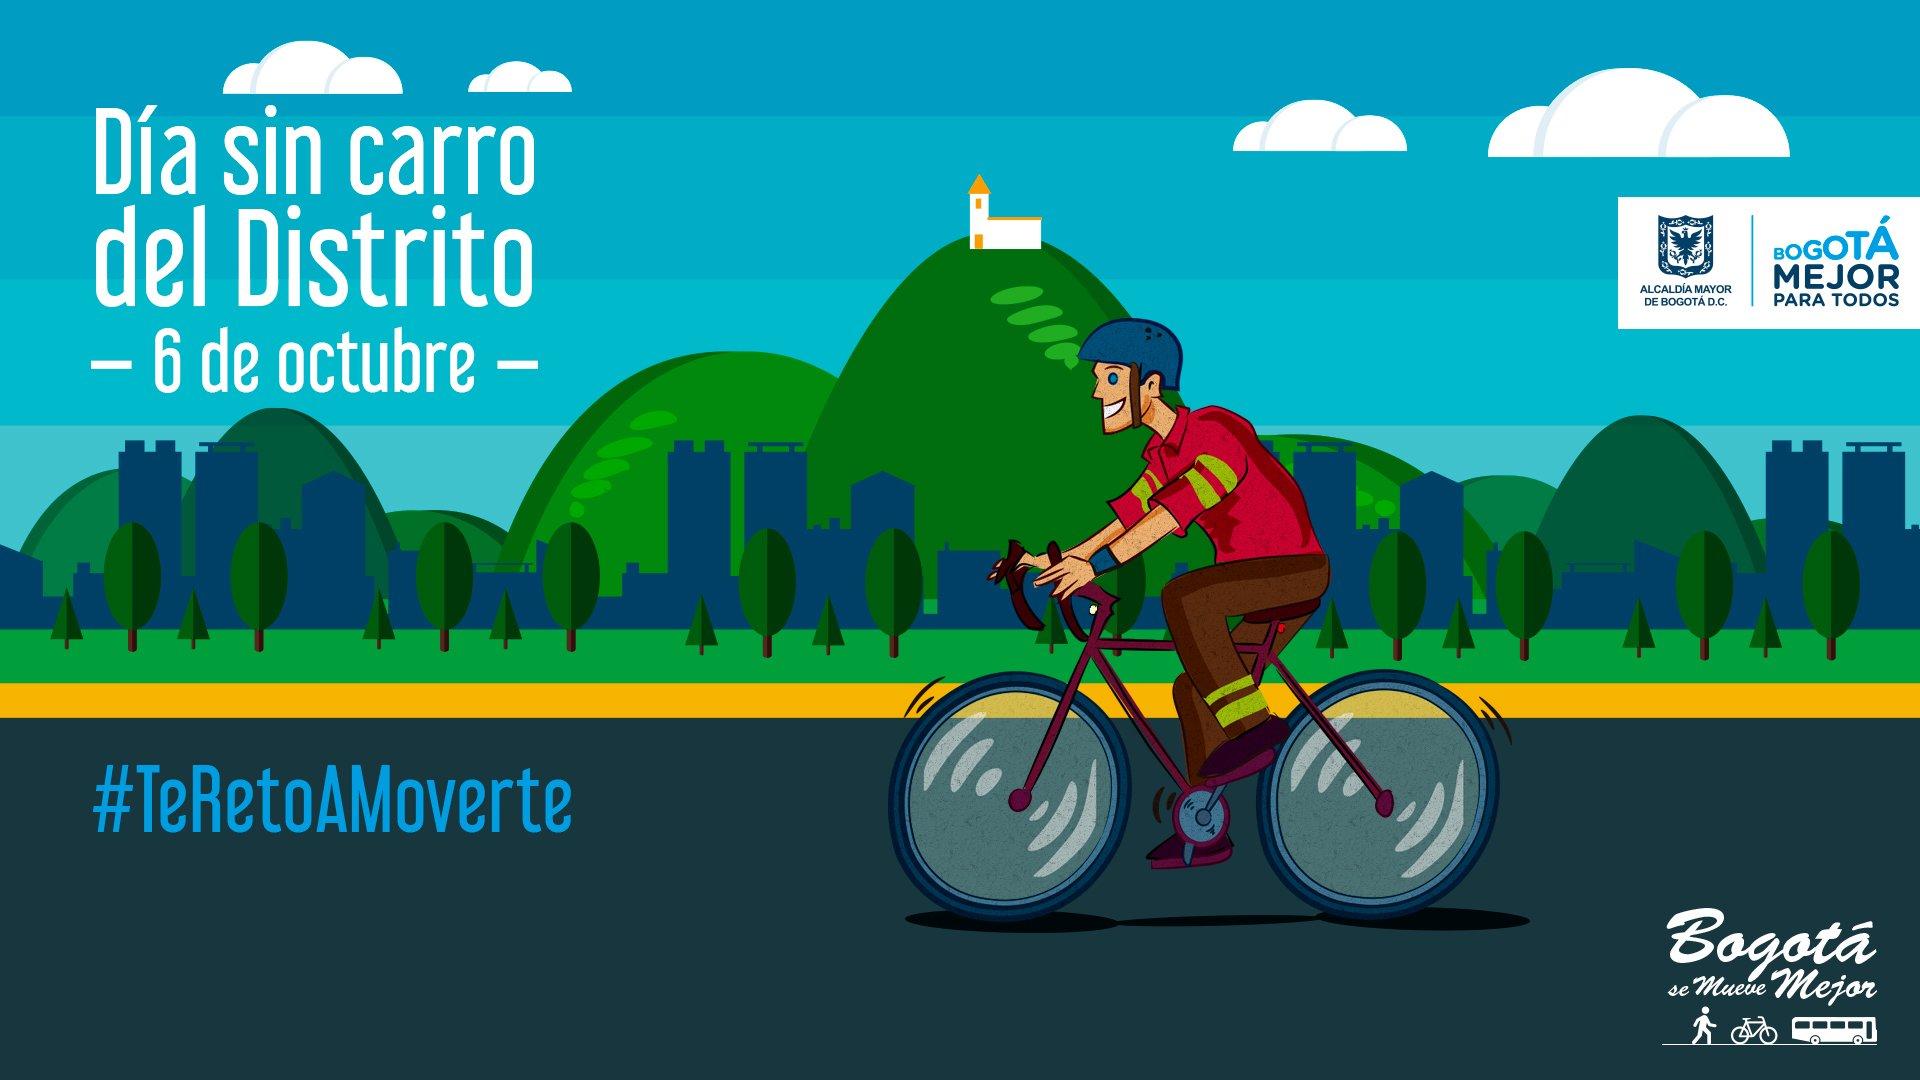 En bici hoy Día sin Carro del Distrito nos movemos #TeRetoAMoverte 🚴 https://t.co/1LooGhXxIb